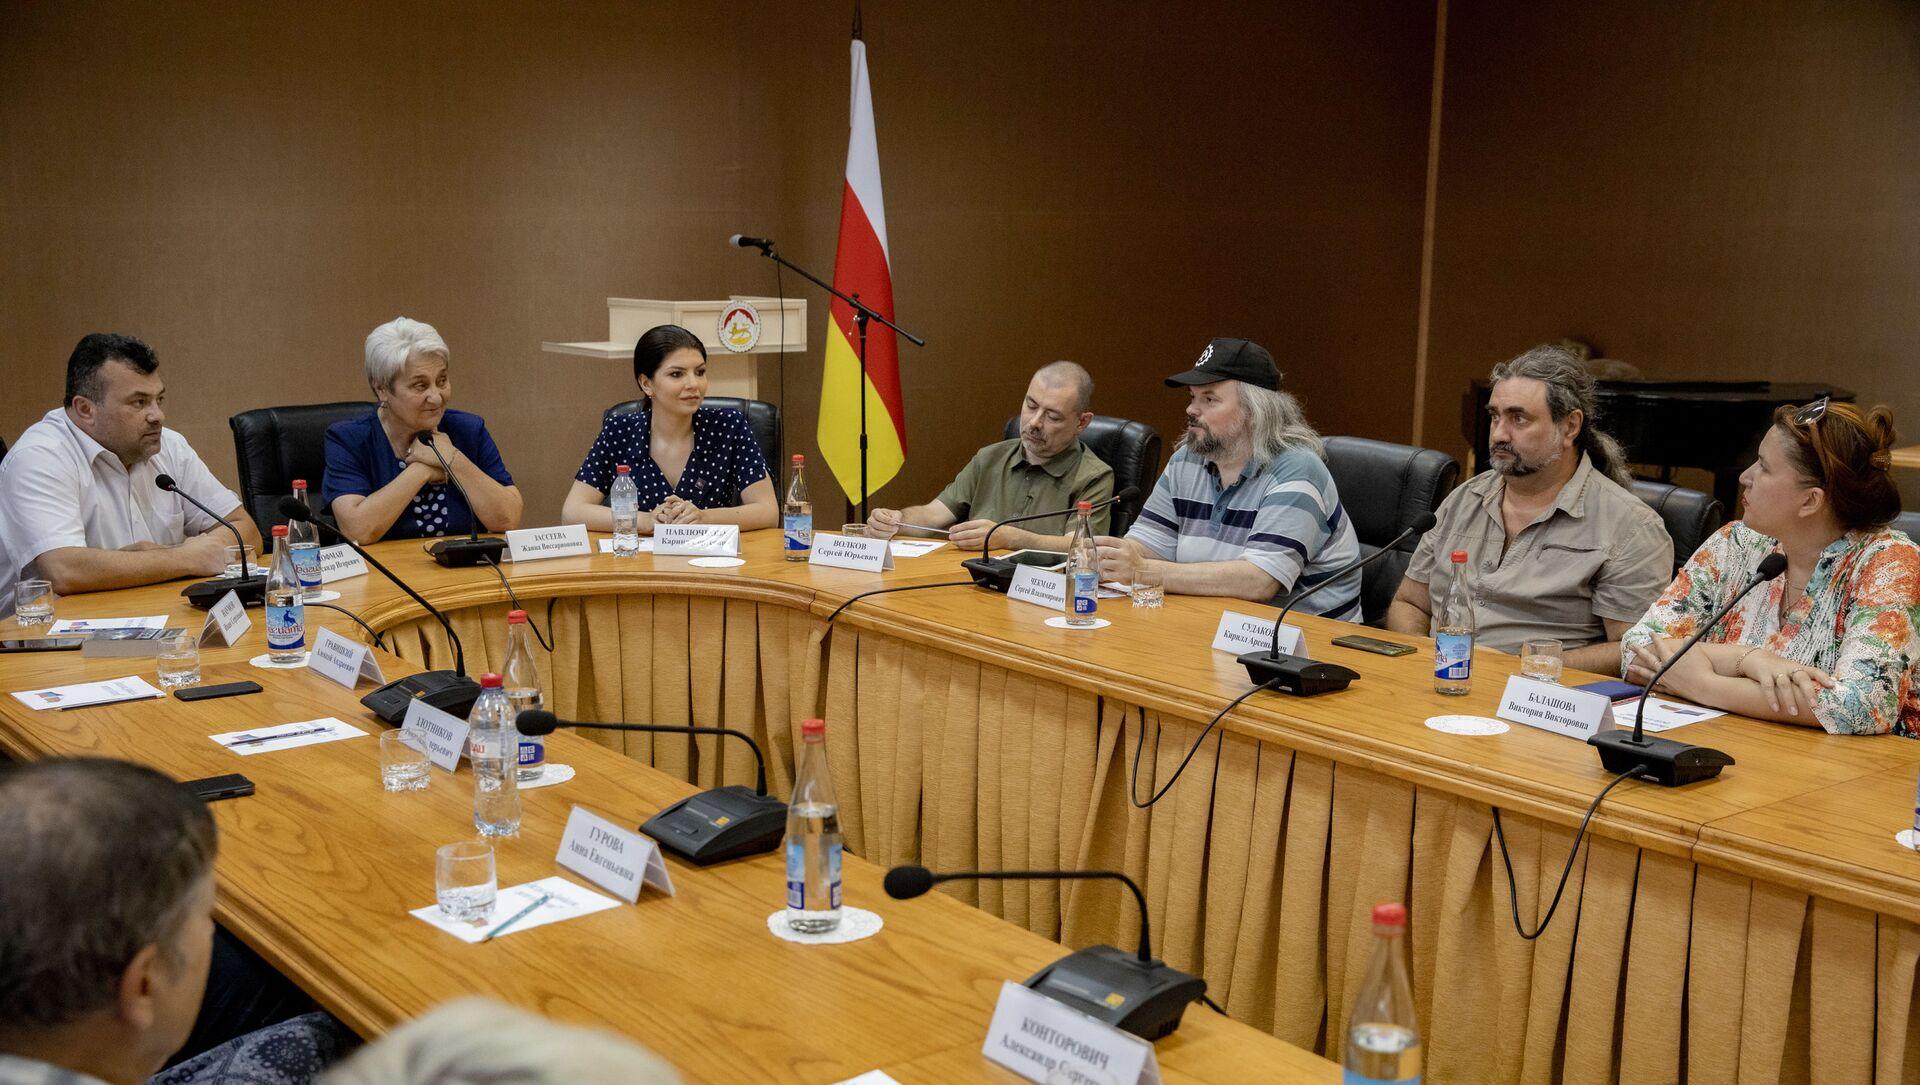 Встреча писателей ДНР с общественностью в Цхинвале - Sputnik Южная Осетия, 1920, 19.07.2021